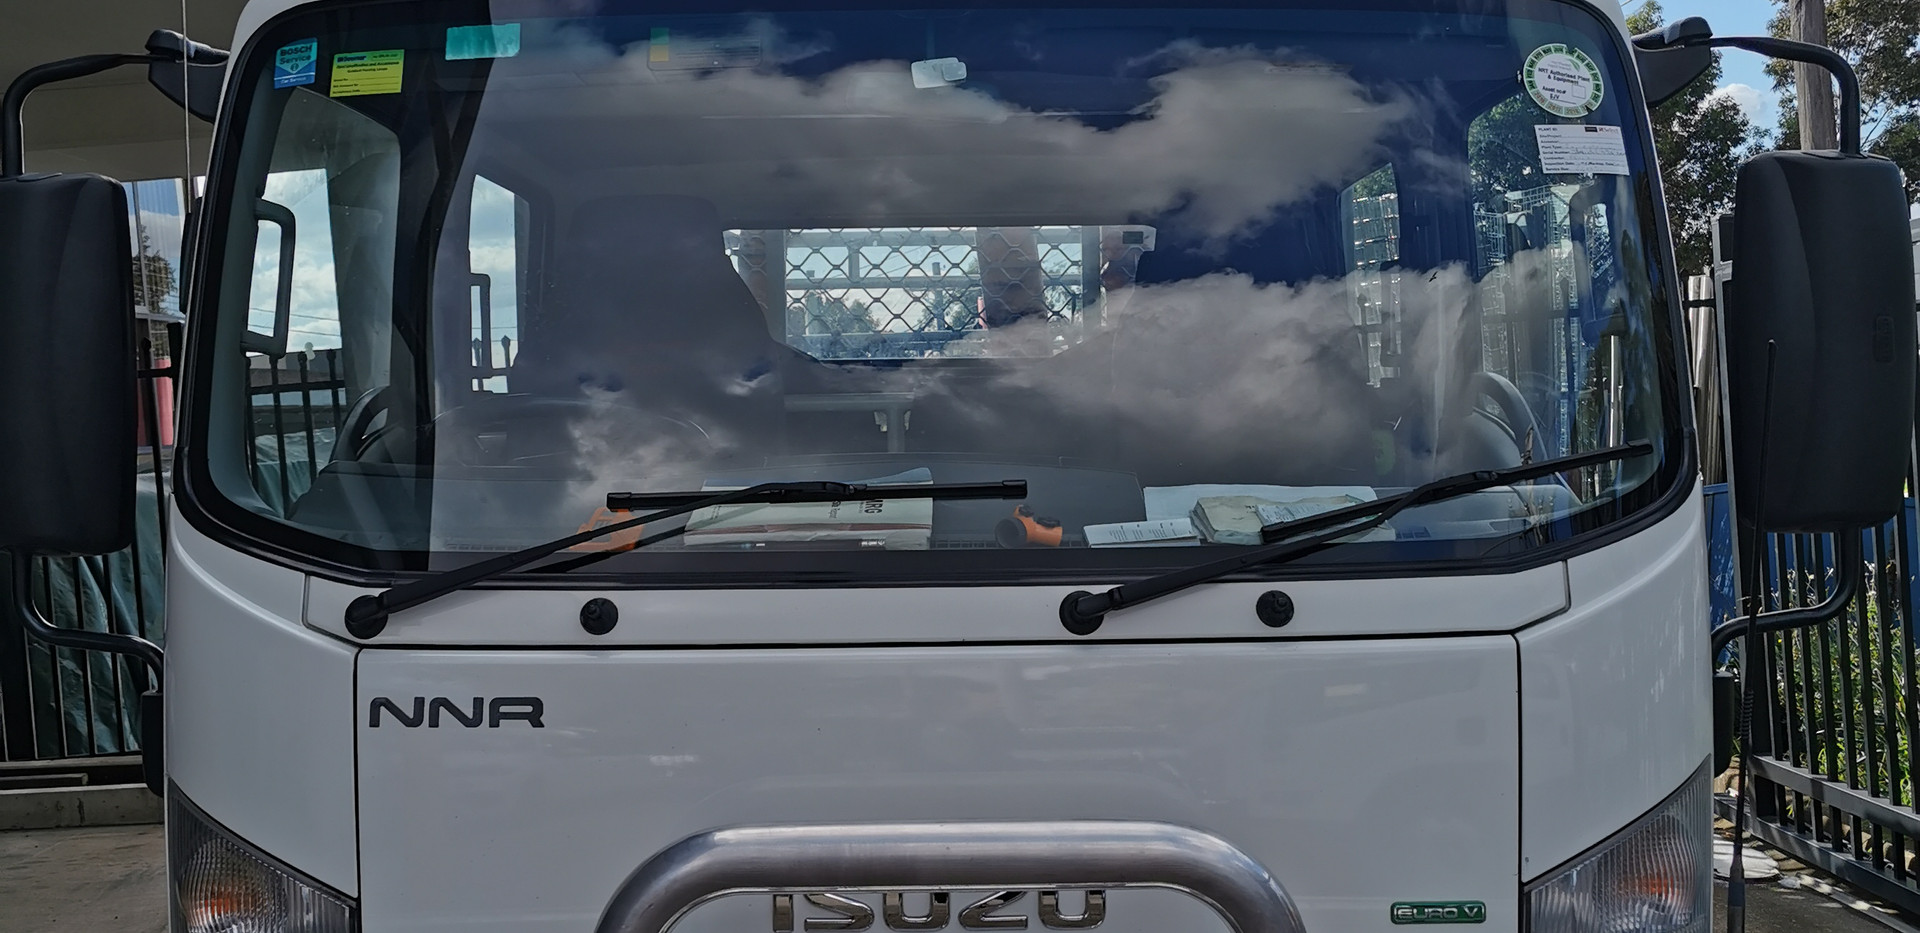 MRG Isuzu Gang Truck